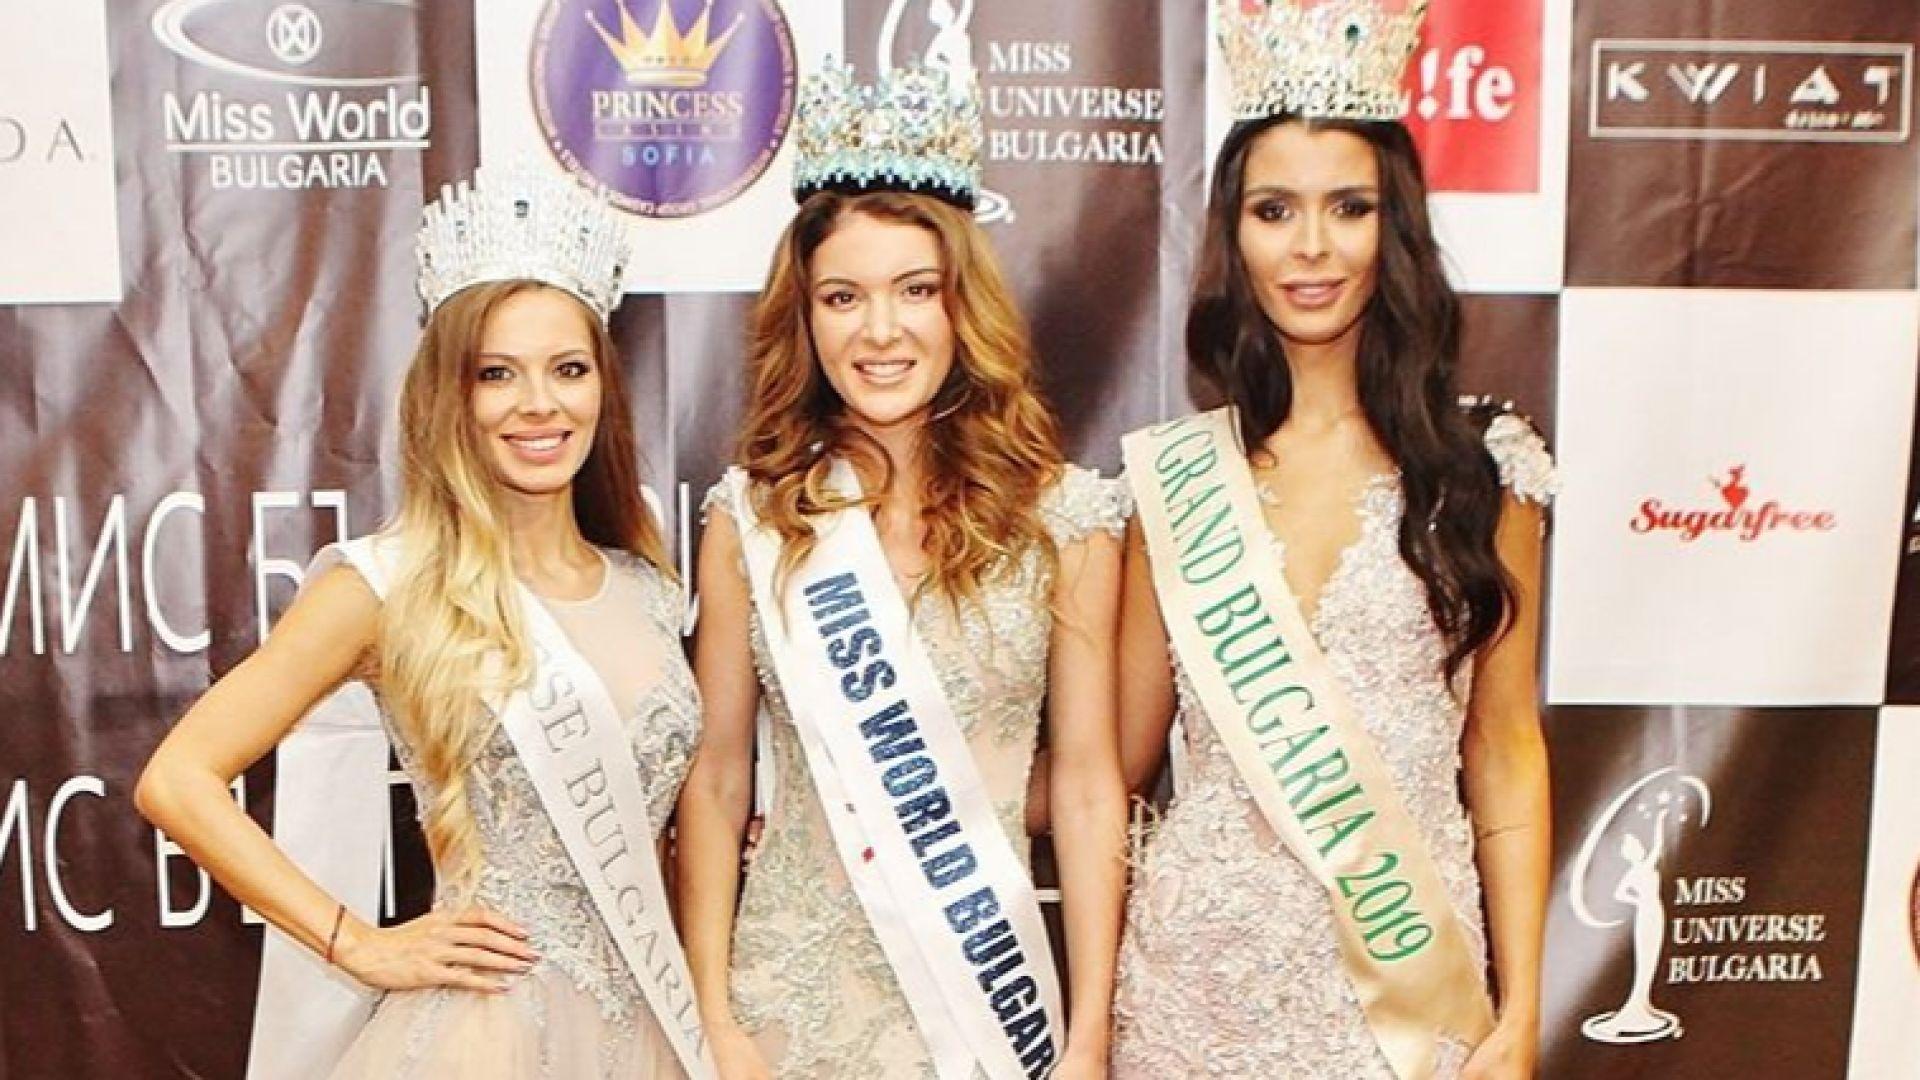 Новата Мис Свят България: Толкова е хубаво жените да се подкрепят (снимки)